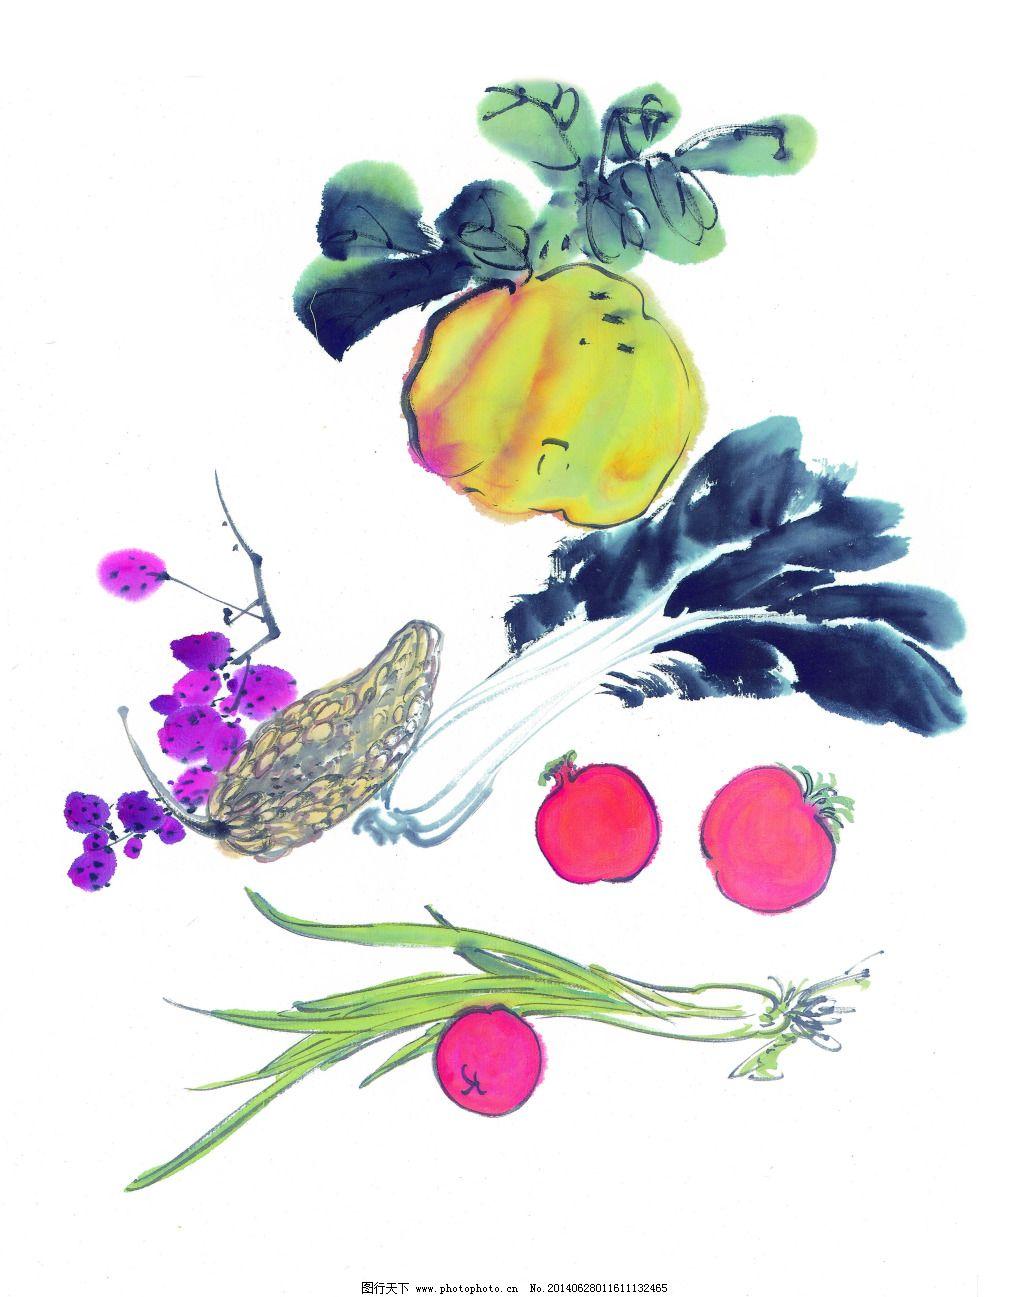 蔬菜免费下载 工笔画 绘画 美术 泼墨 水墨 文化艺术 写意 中国画